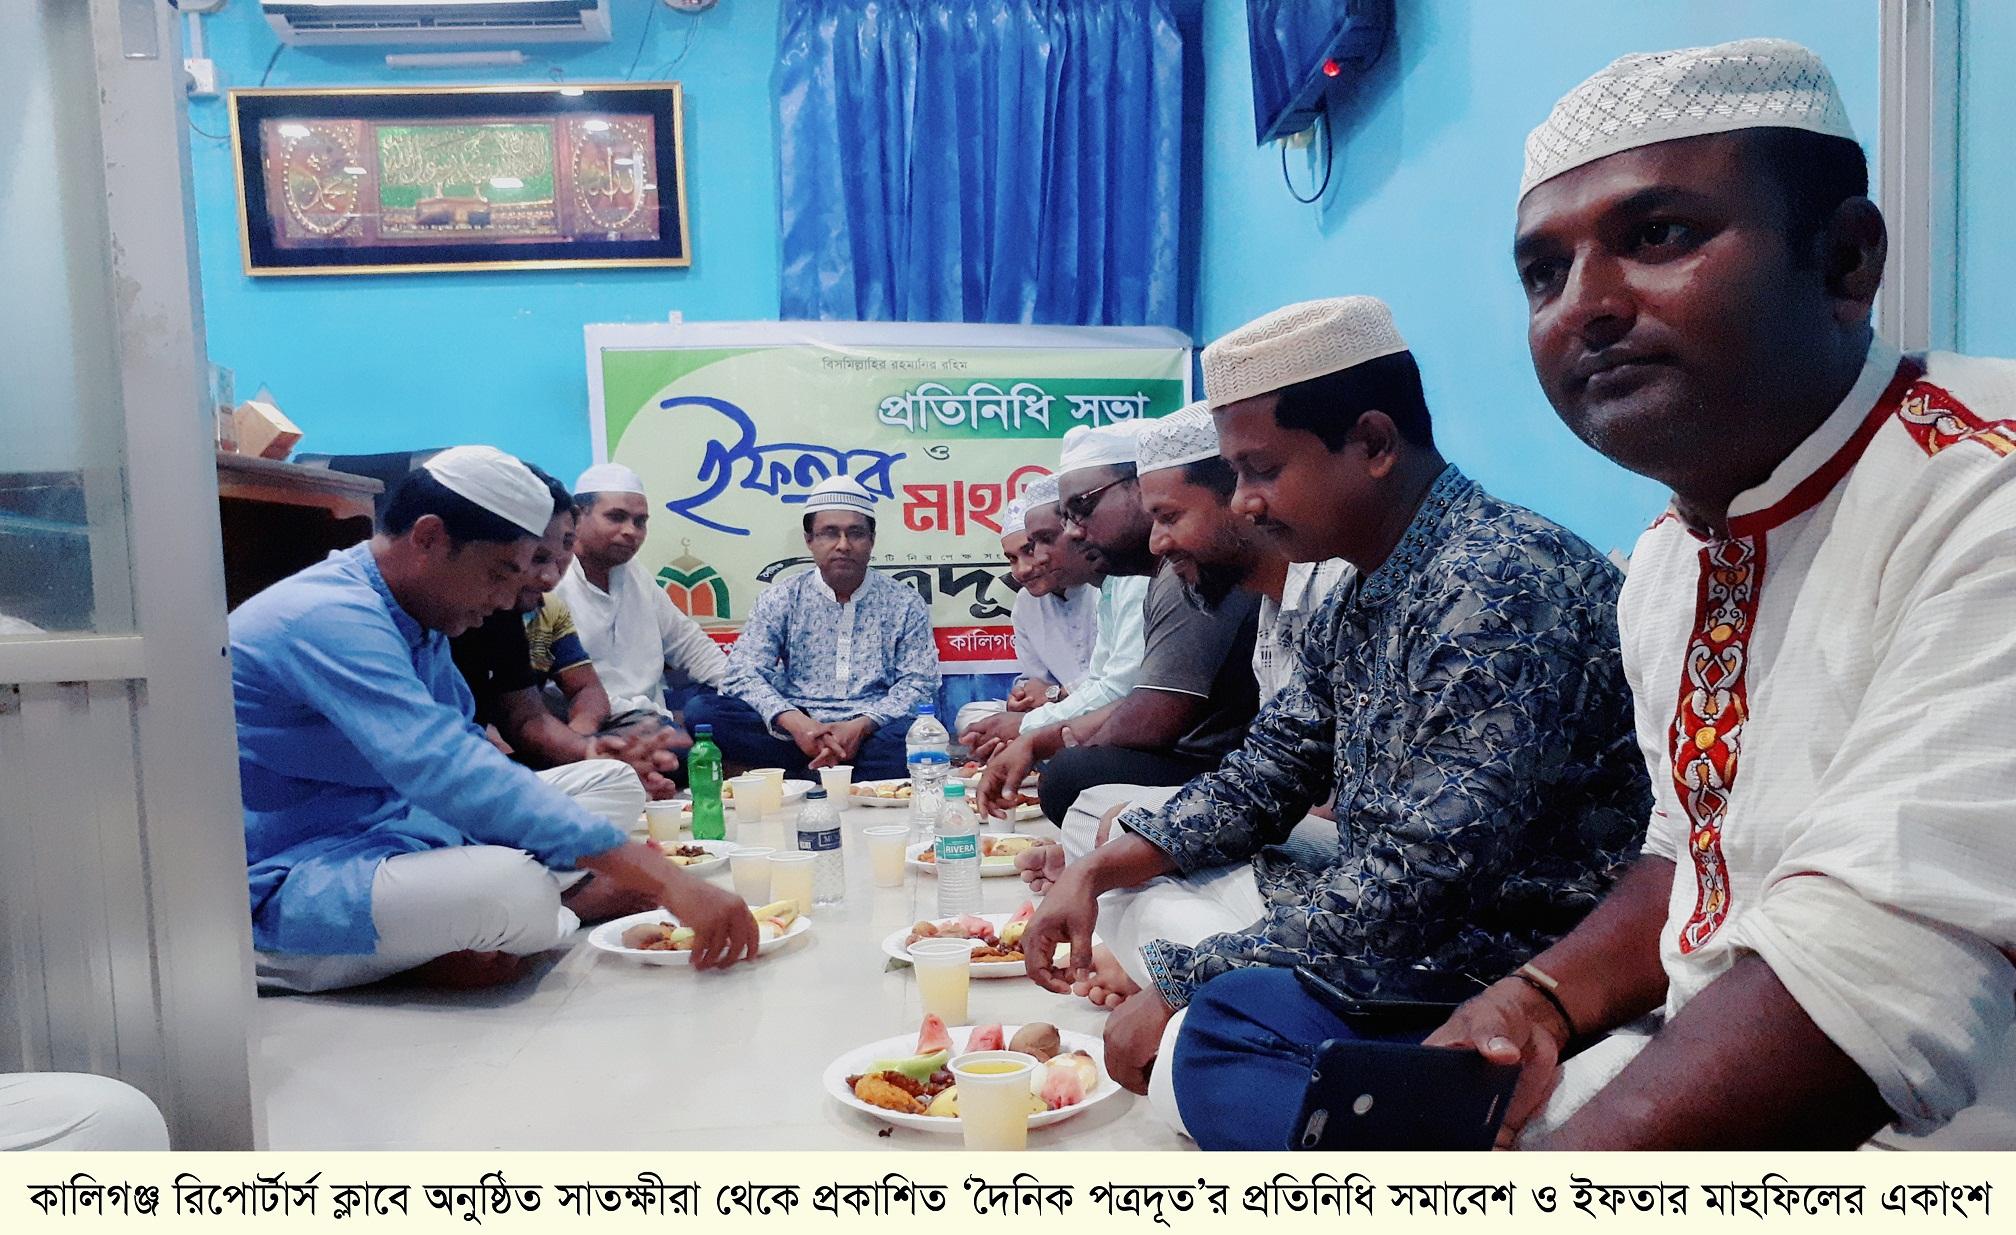 'দৈনিক পত্রদূত'র কালিগঞ্জ অফিসে প্রতিনিধি সভা ও ইফতার মাহফিল অনুষ্ঠিত